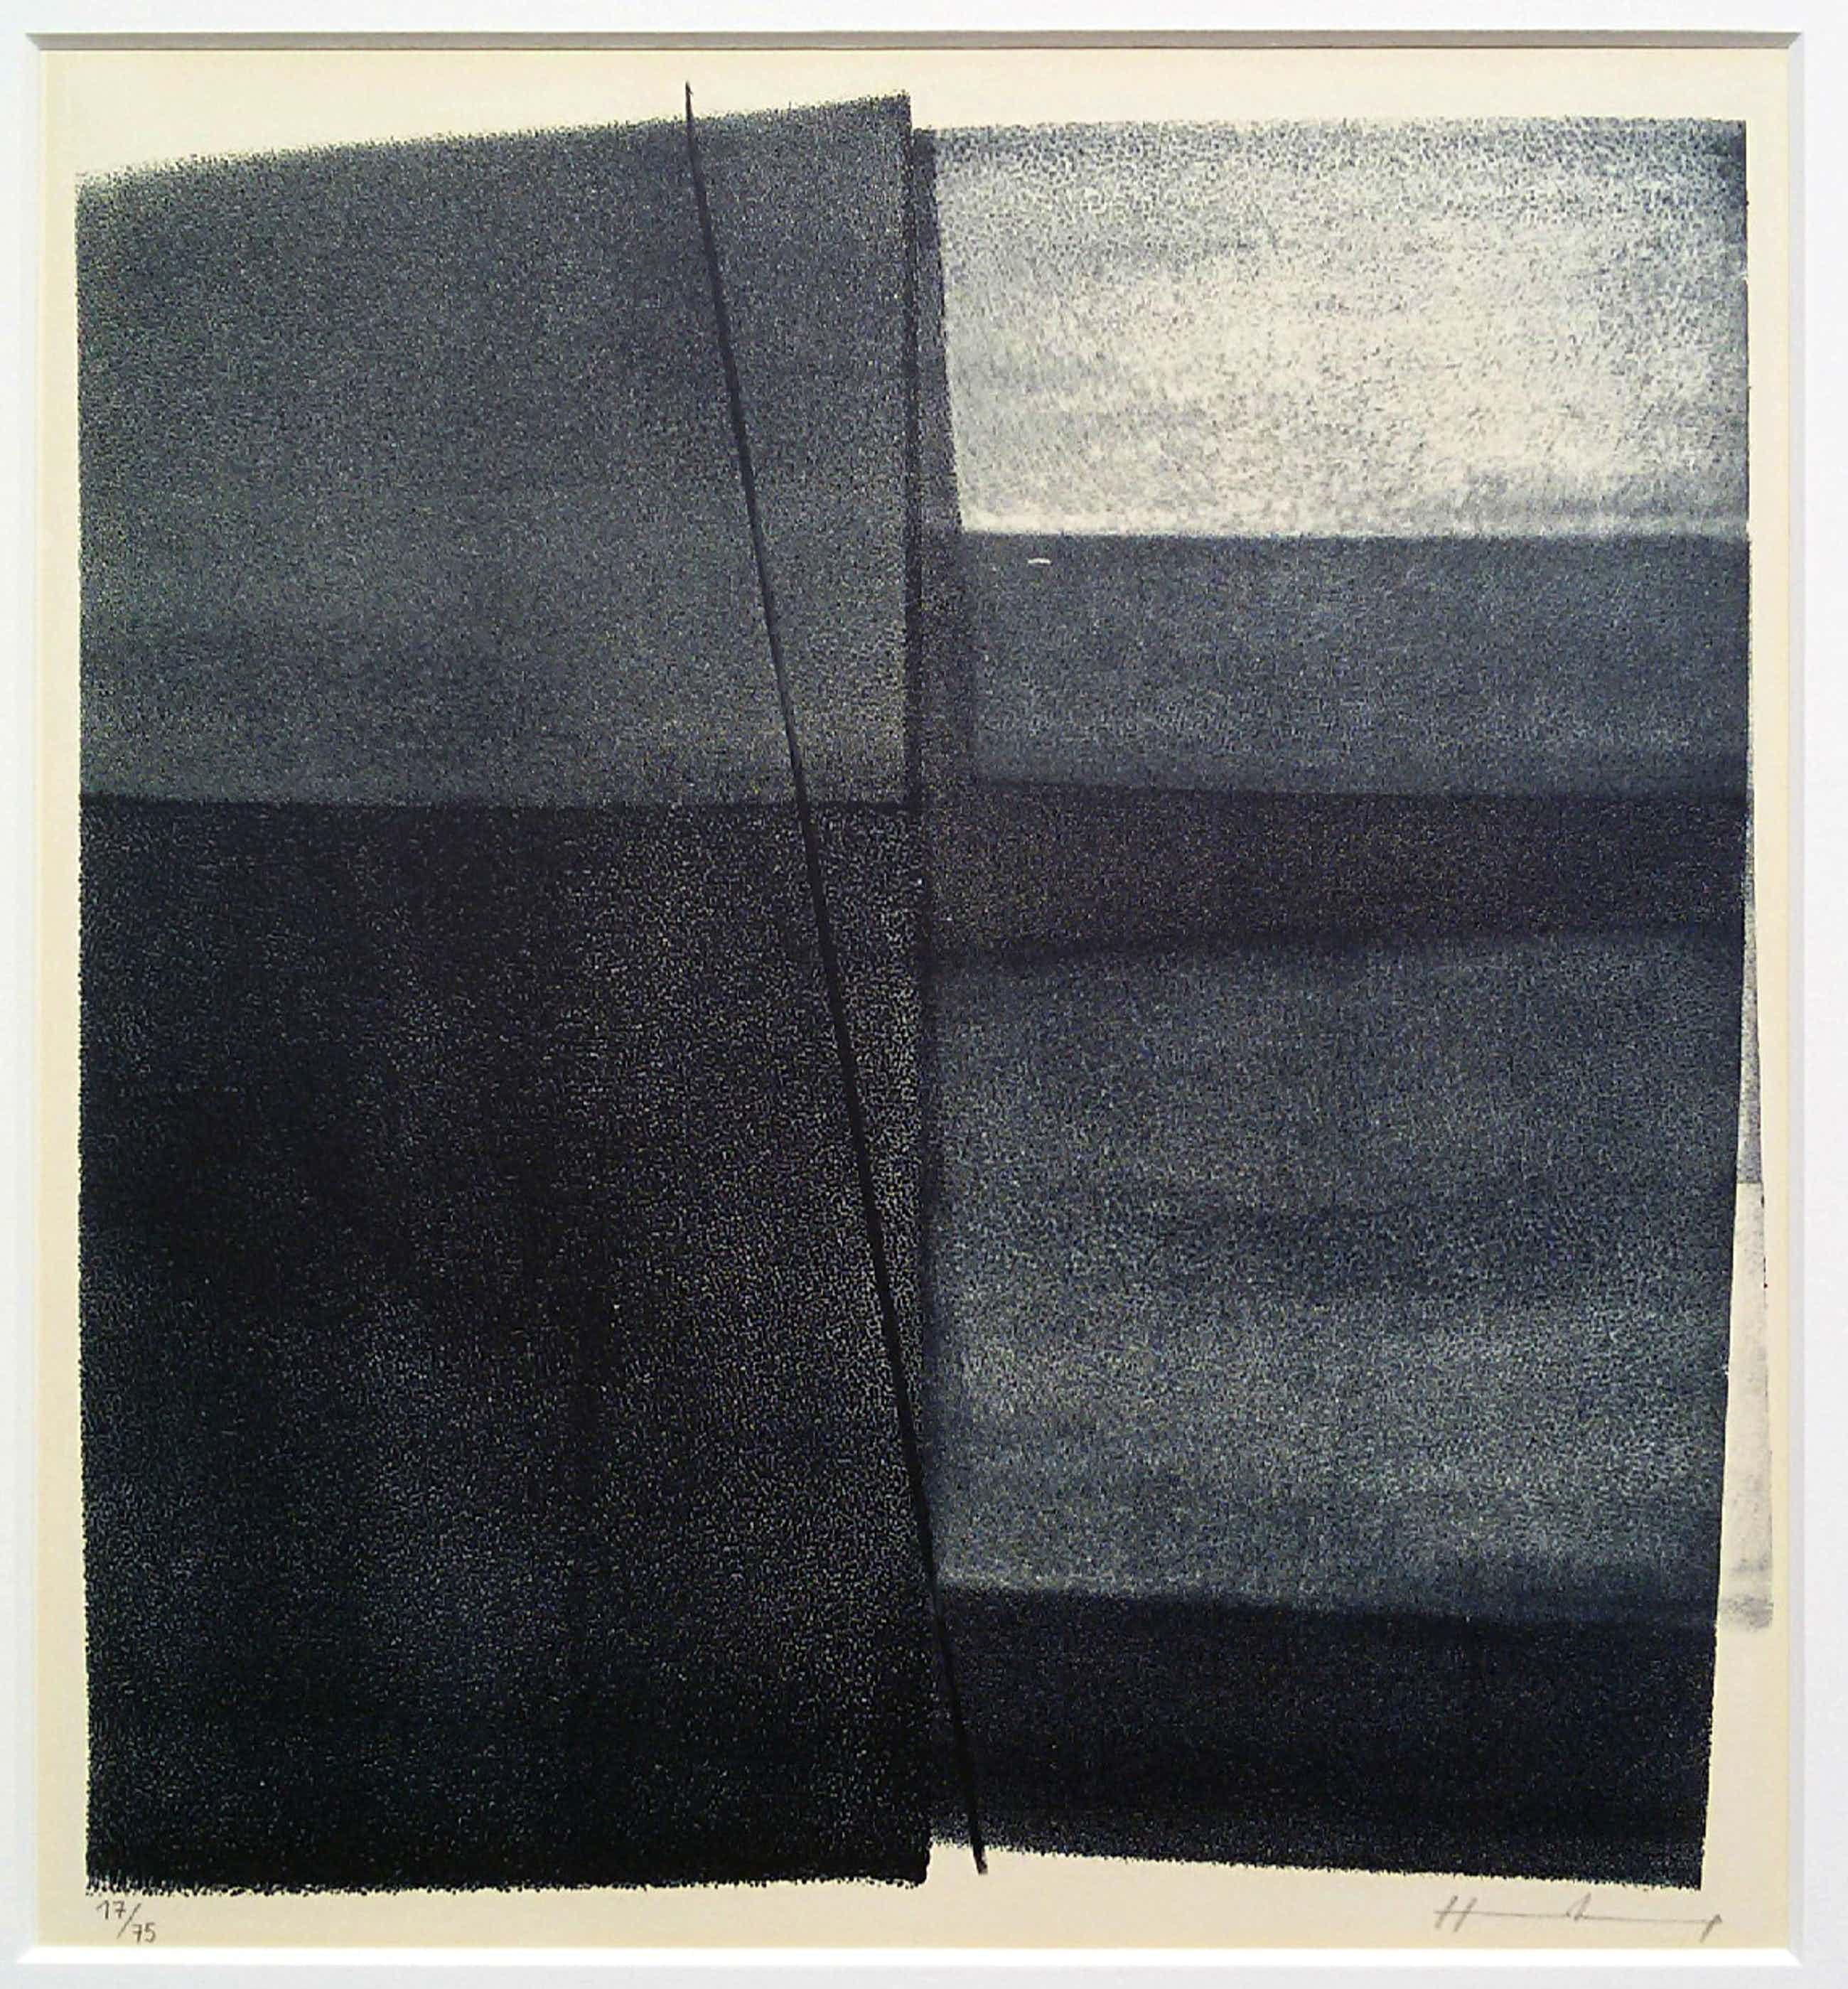 Hans Hartung - Abstracte compositie, litho (mooi ingelijst) kopen? Bied vanaf 375!